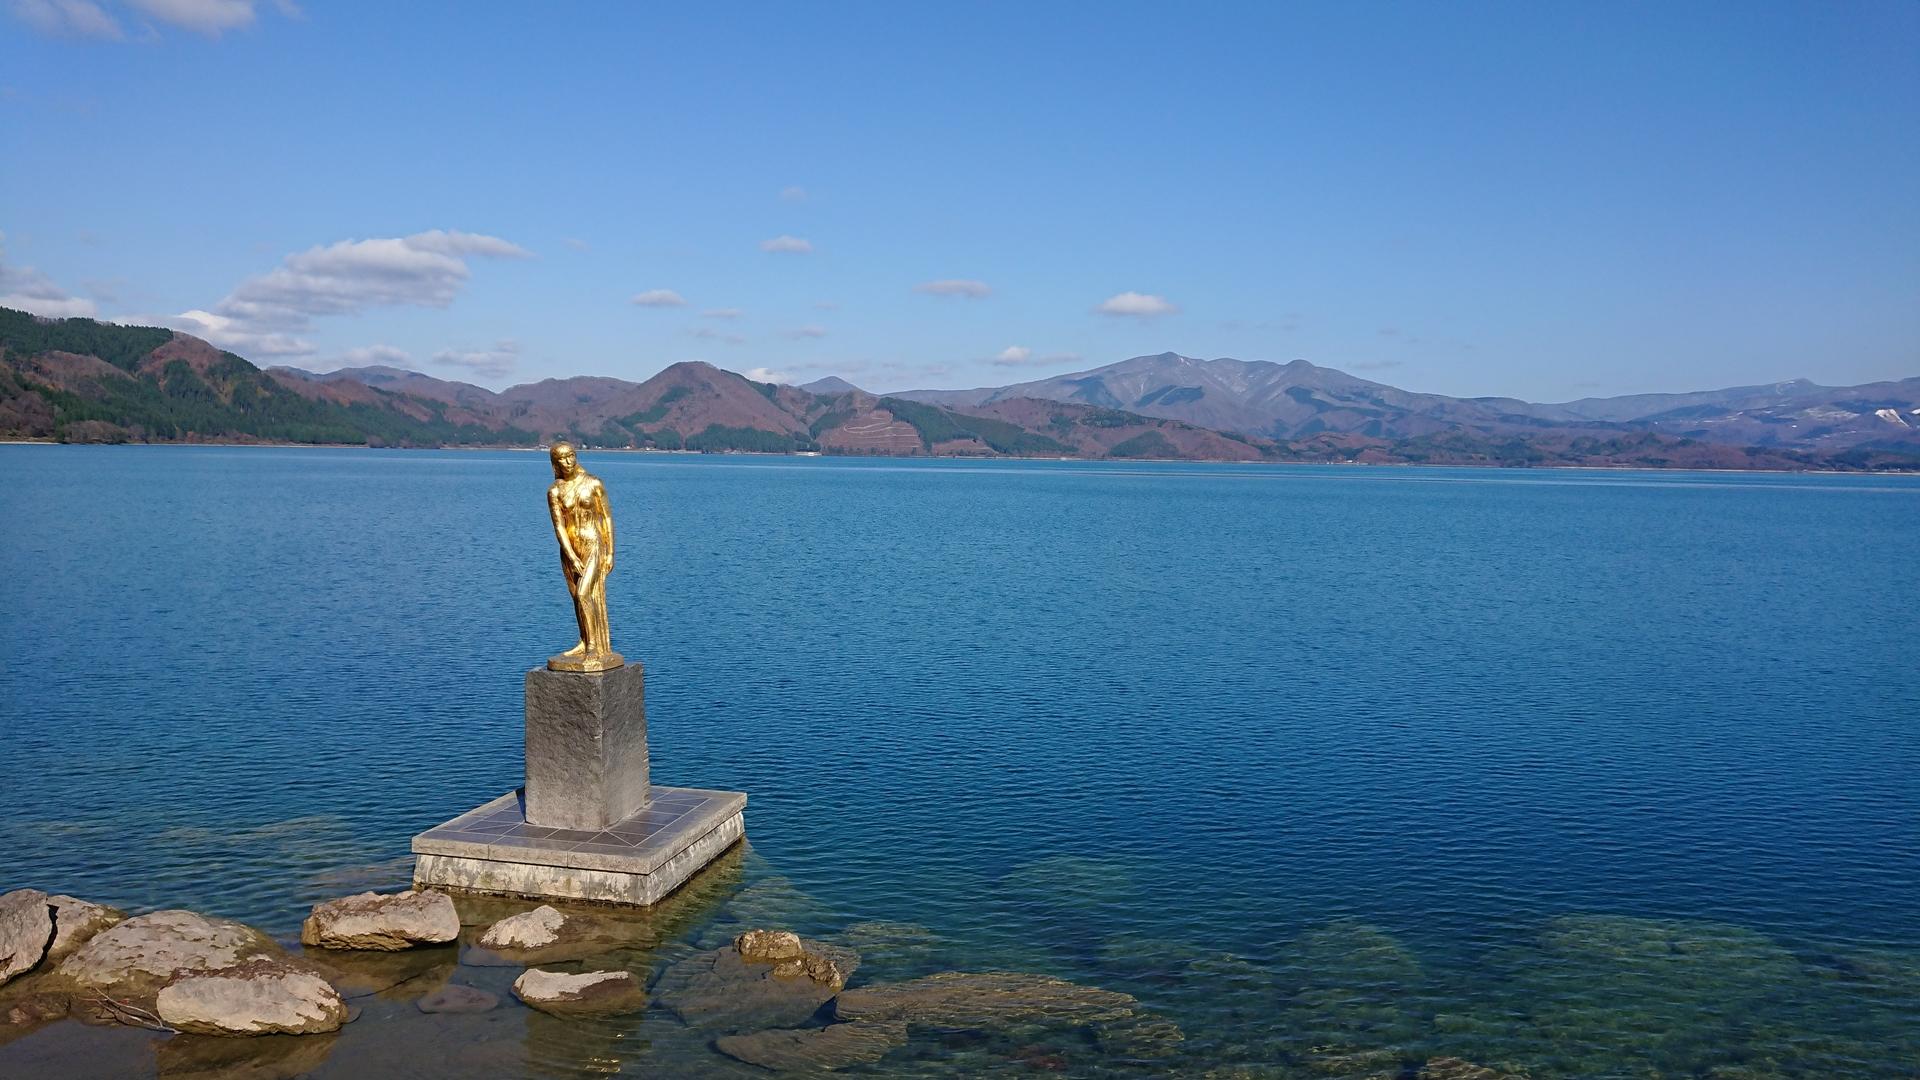 [아키타] 타츠코 상 - 이 동상에는 슬픈 전설이 있..